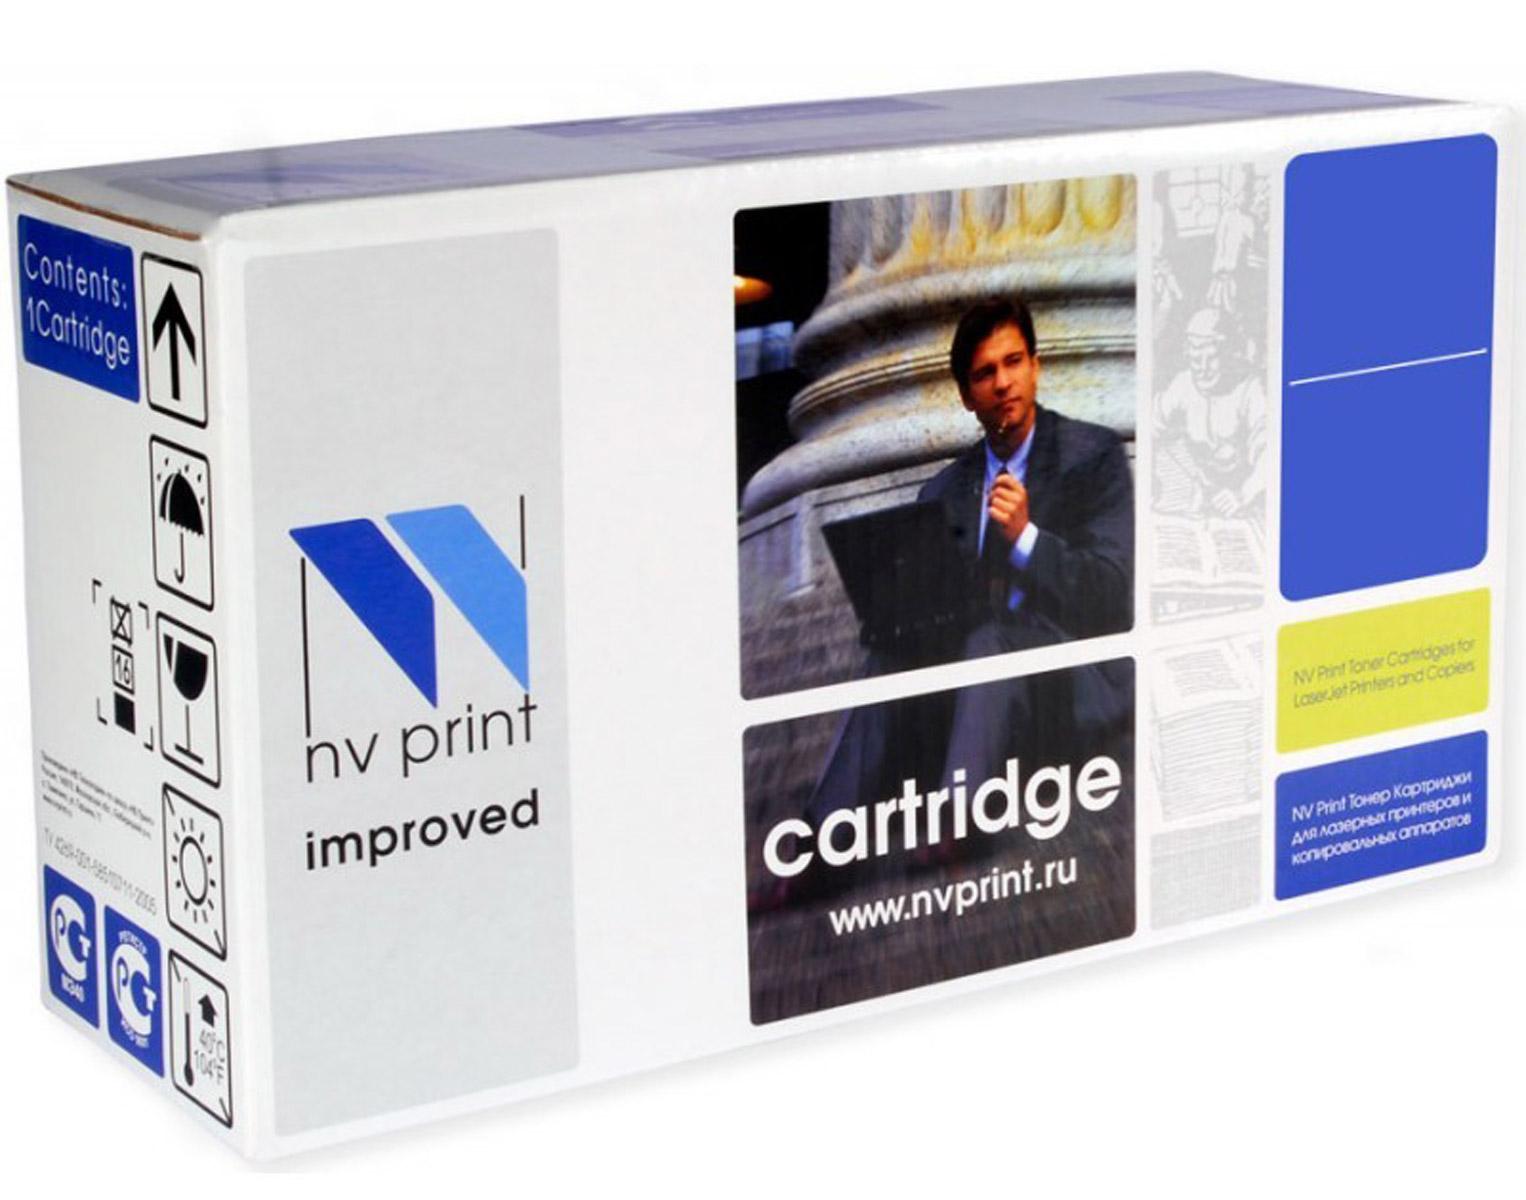 NV Print C9732AY, Yellow тонер-картридж для HP Color LaserJet 5500/5550NV-C9732AYСовместимый лазерный картридж NV Print C9732AY для печатающих устройств HP Color LaserJet - это альтернатива приобретению оригинальных расходных материалов. При этом качество печати остается высоким. Картридж обеспечивает повышенную четкость изображения и плавность переходов оттенков и полутонов, позволяют отображать мельчайшие детали изображения. Лазерные принтеры, копировальные аппараты и МФУ являются более выгодными в печати, чем струйные устройства, так как лазерных картриджей хватает на значительно большее количество отпечатков, чем обычных. Для печати в данном случае используются не чернила, а тонер.